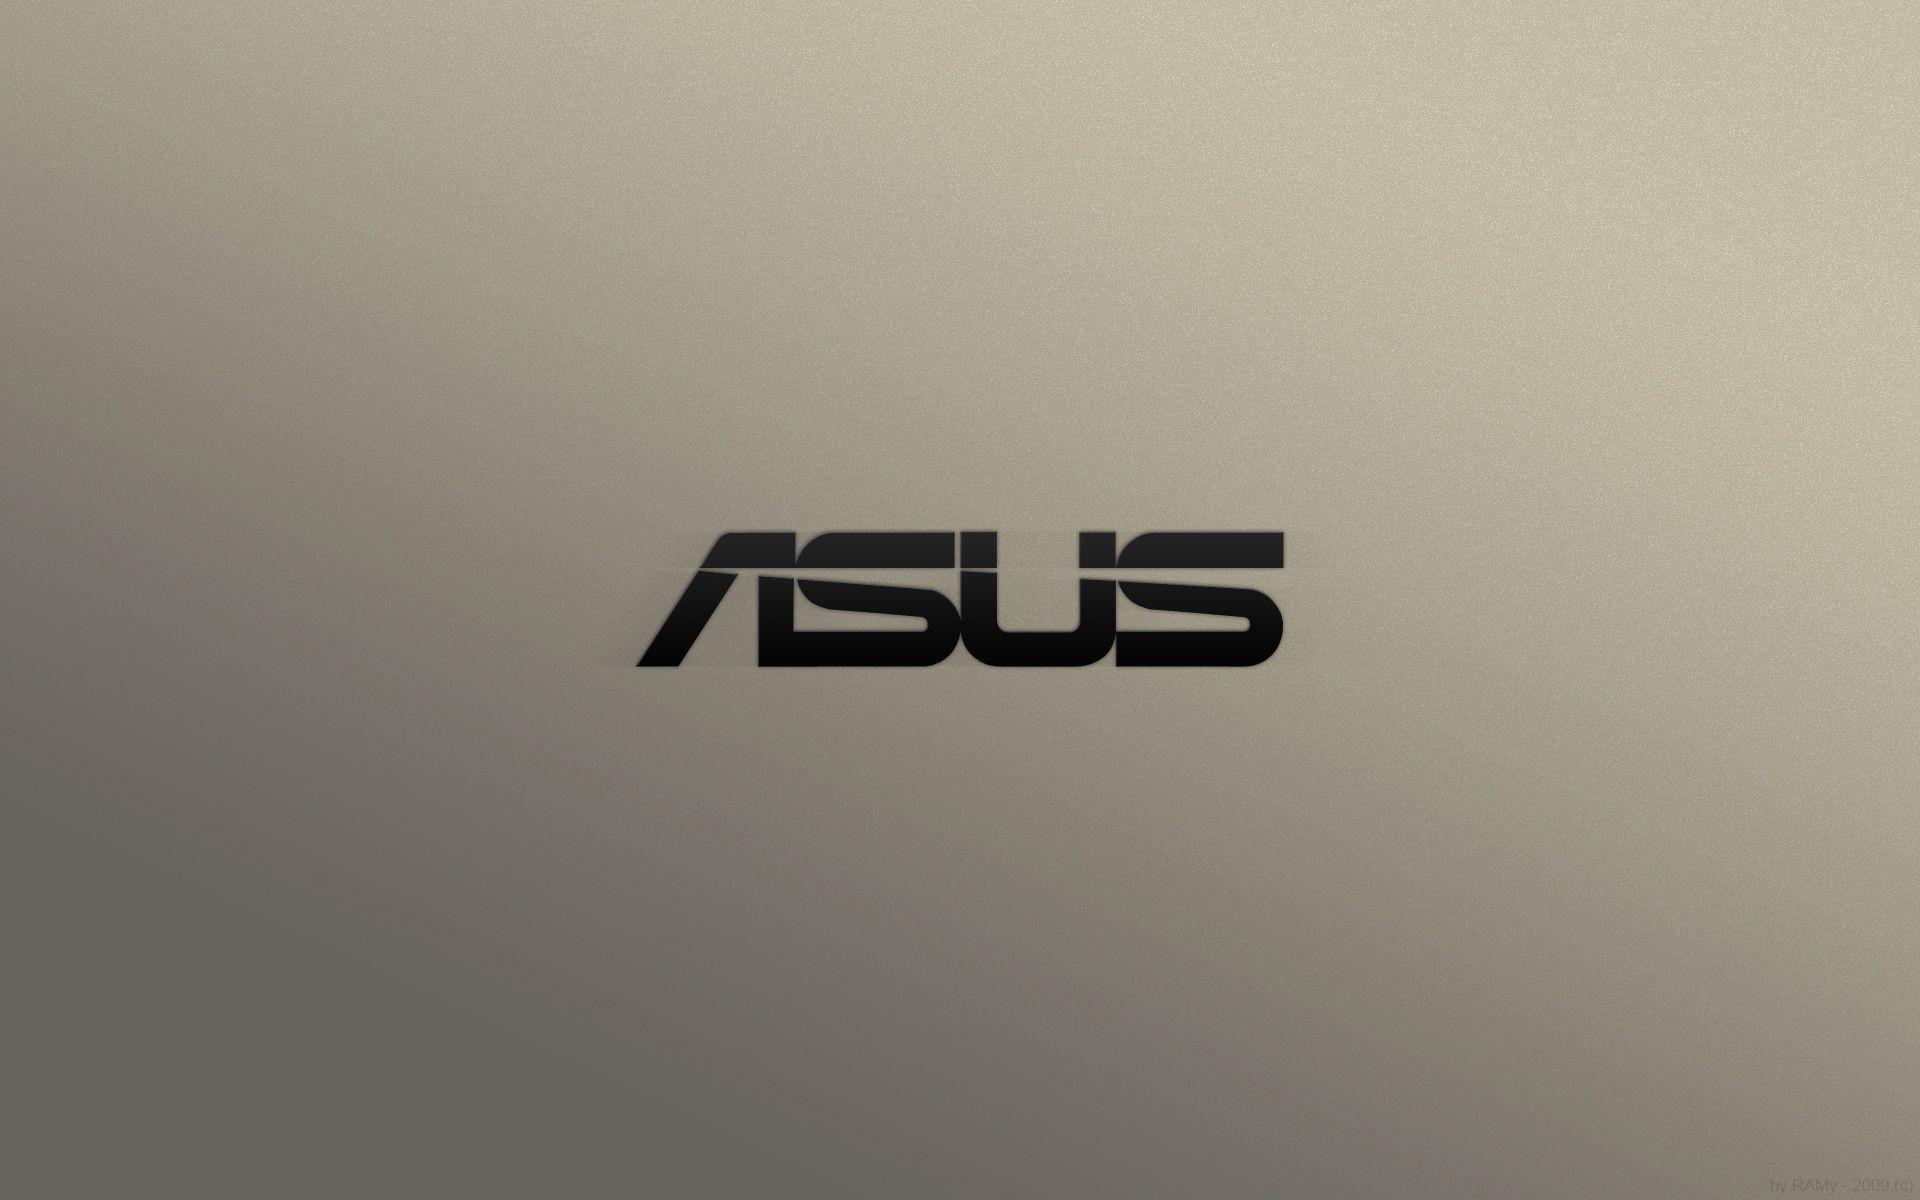 Asus Laptop Wallpaper: Asus Wallpapers HD